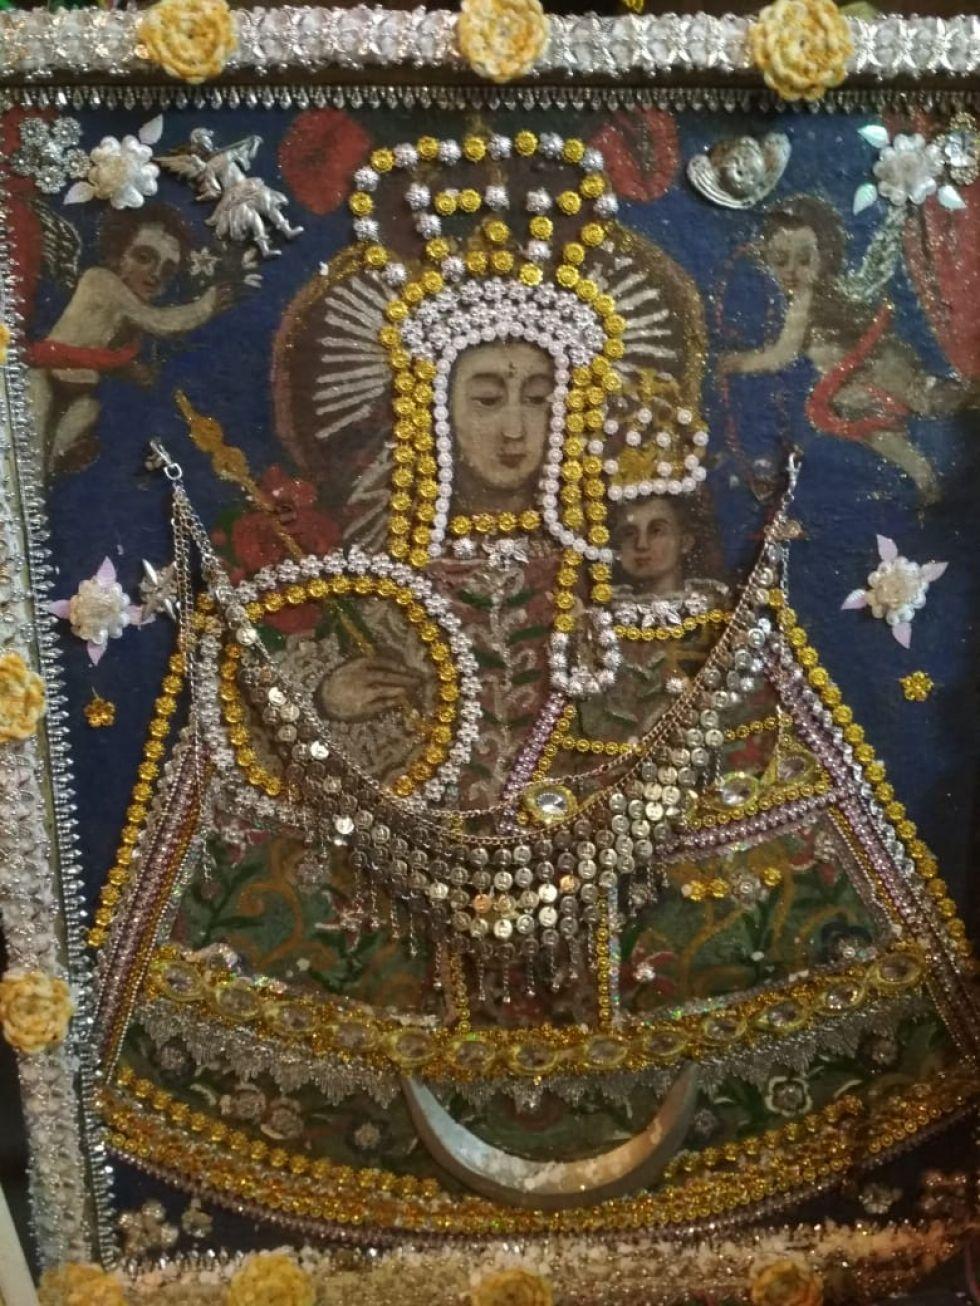 Imagen de la Virgen de Guadalupe que se venera en la comunidad de Cocachi, municipio de Tacobamba.